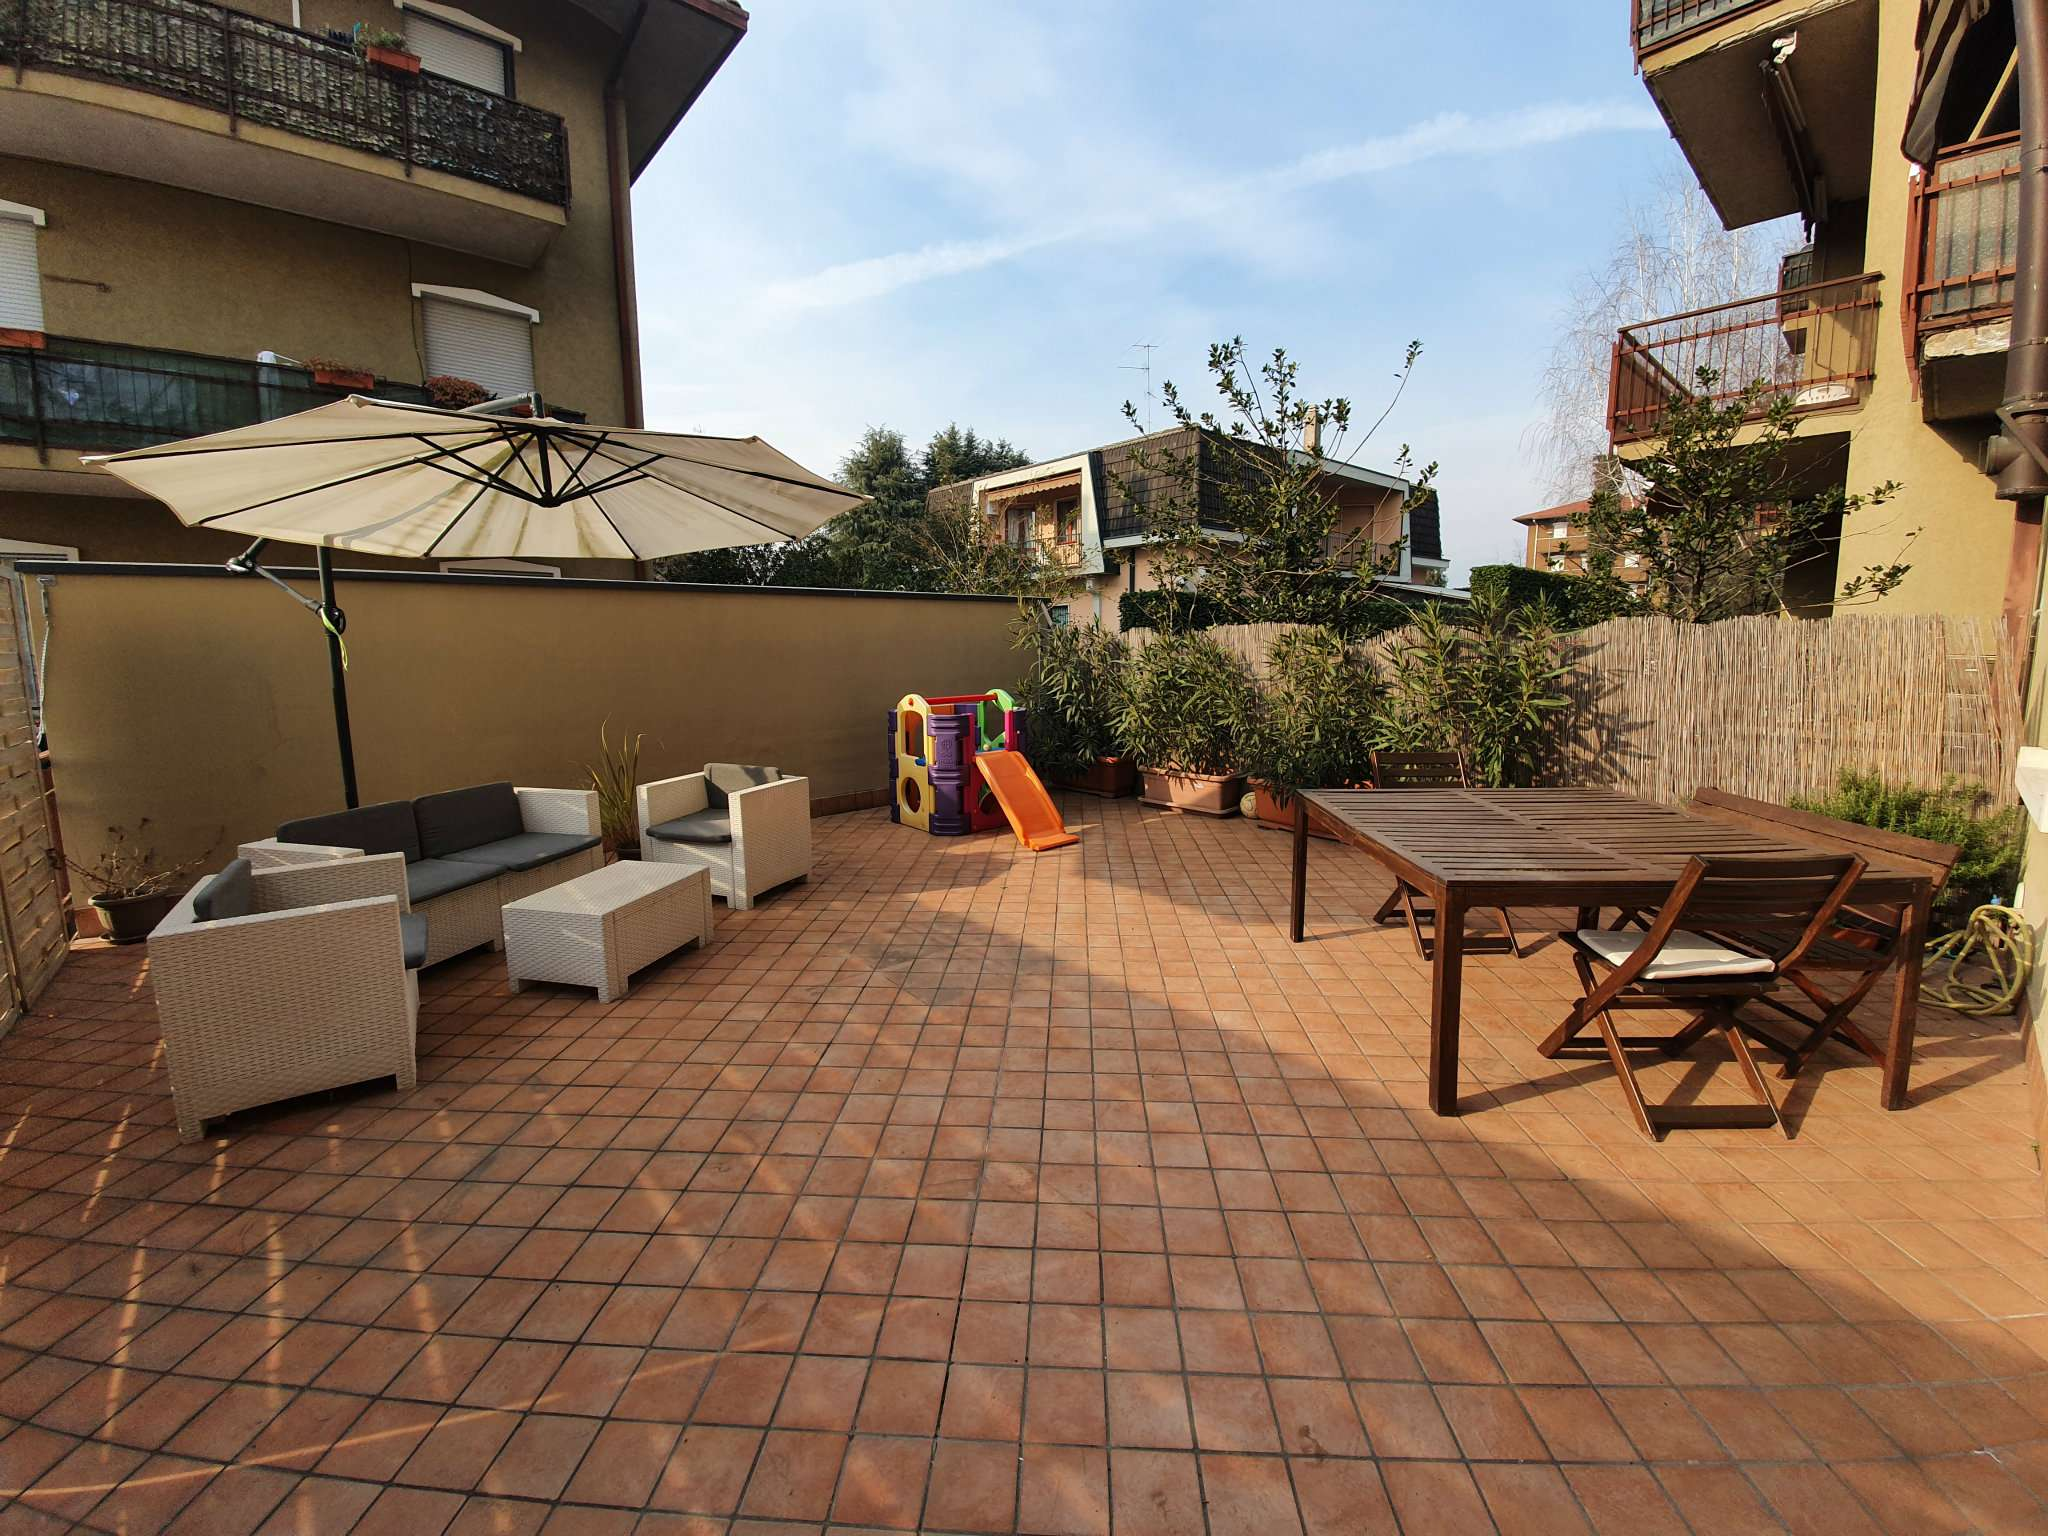 Appartamento in vendita a Bonate Sopra, 4 locali, prezzo € 145.000 | PortaleAgenzieImmobiliari.it